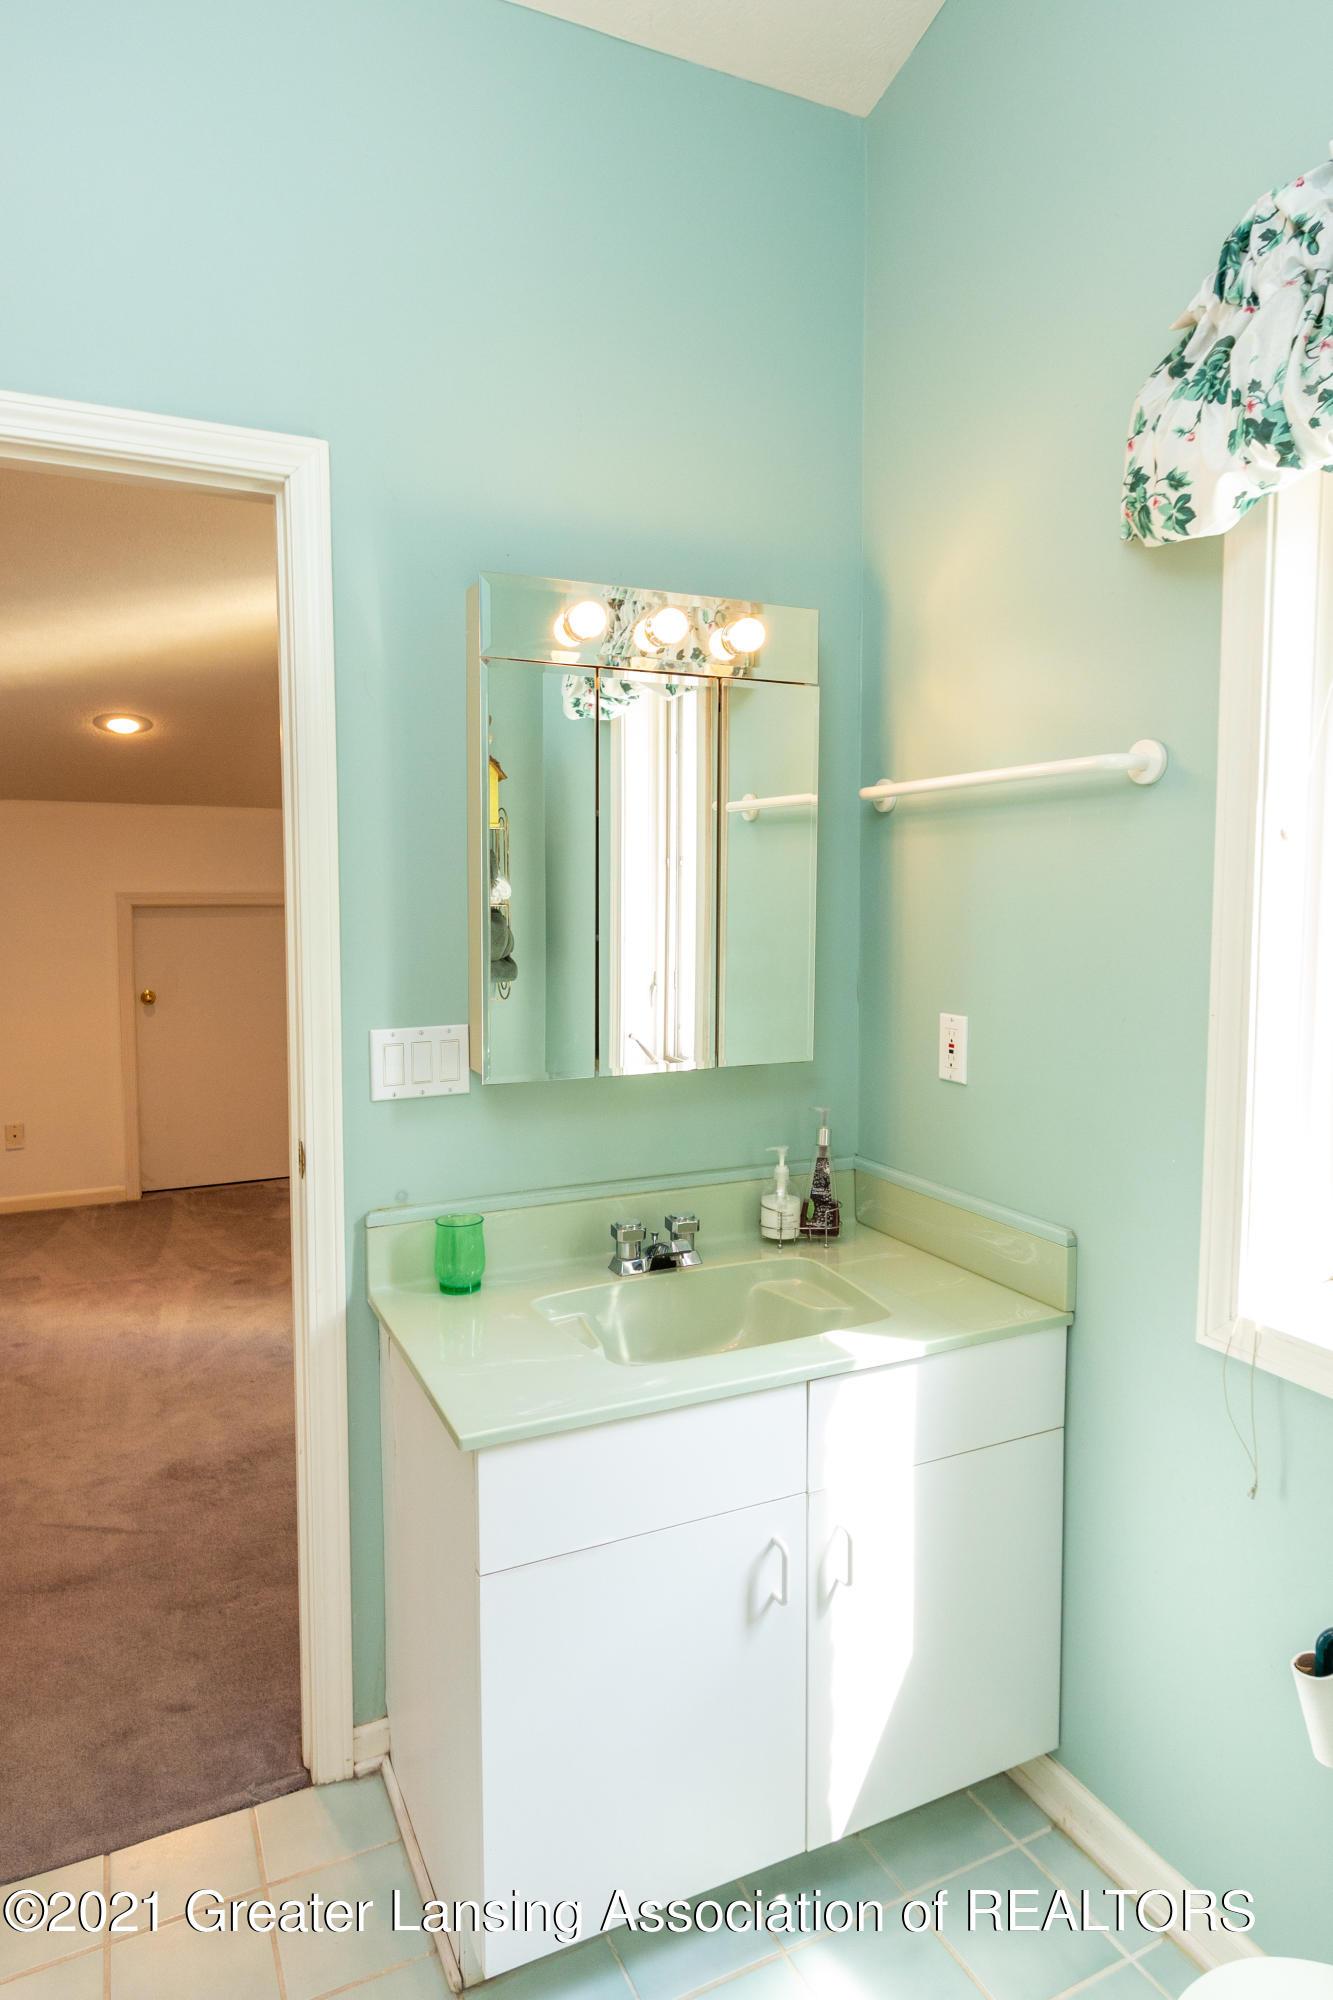 3615 Beech Tree Ln - Bathroom - 54